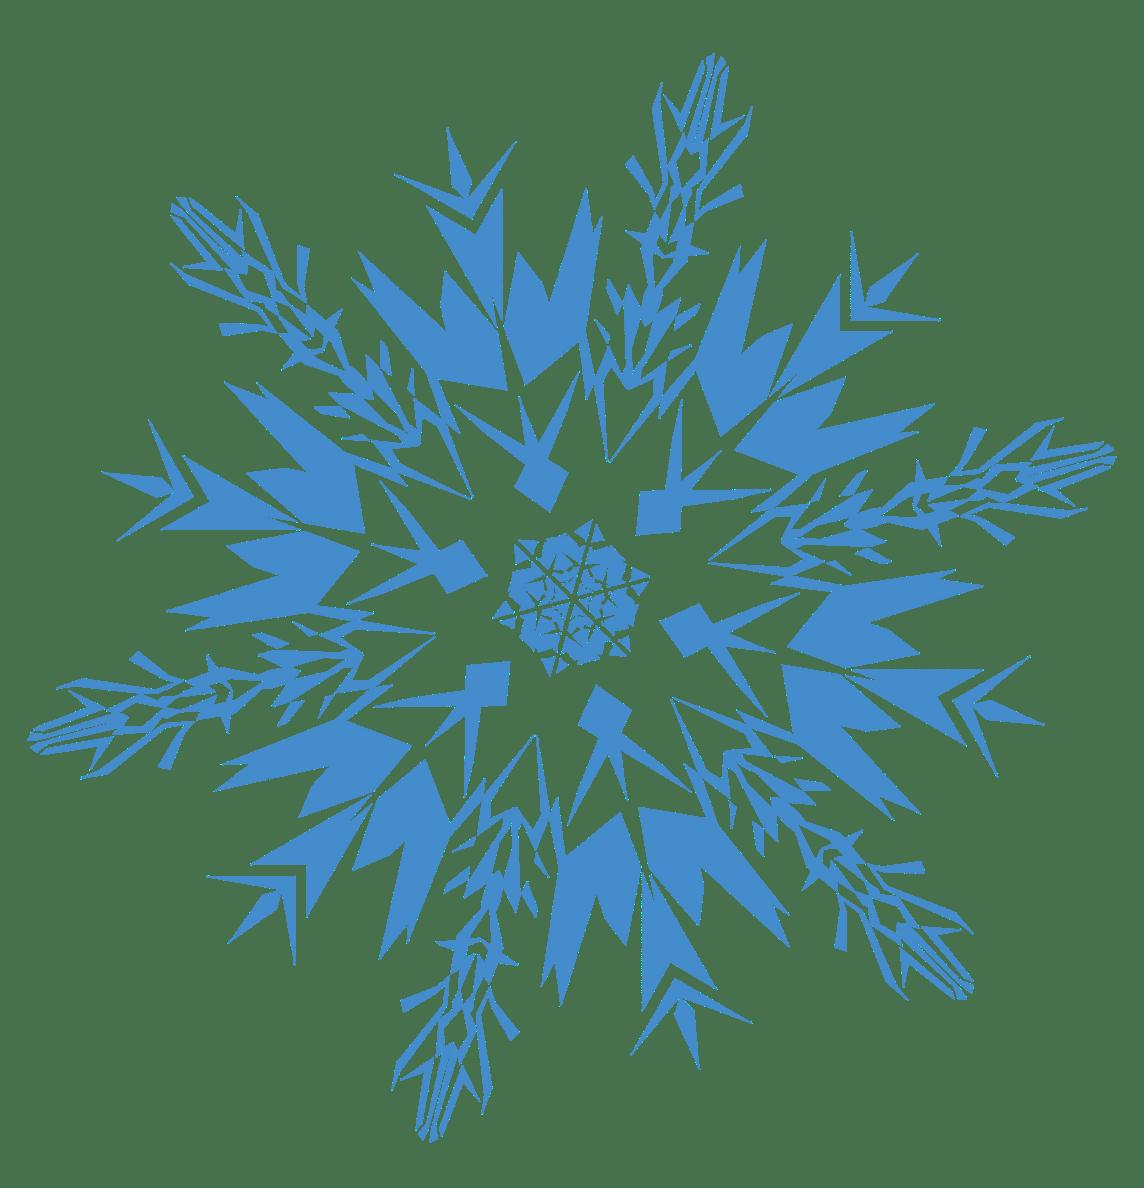 Navy blue snowflake 2 icon - Free navy blue snowflake icons   Blue Snowflakes Png